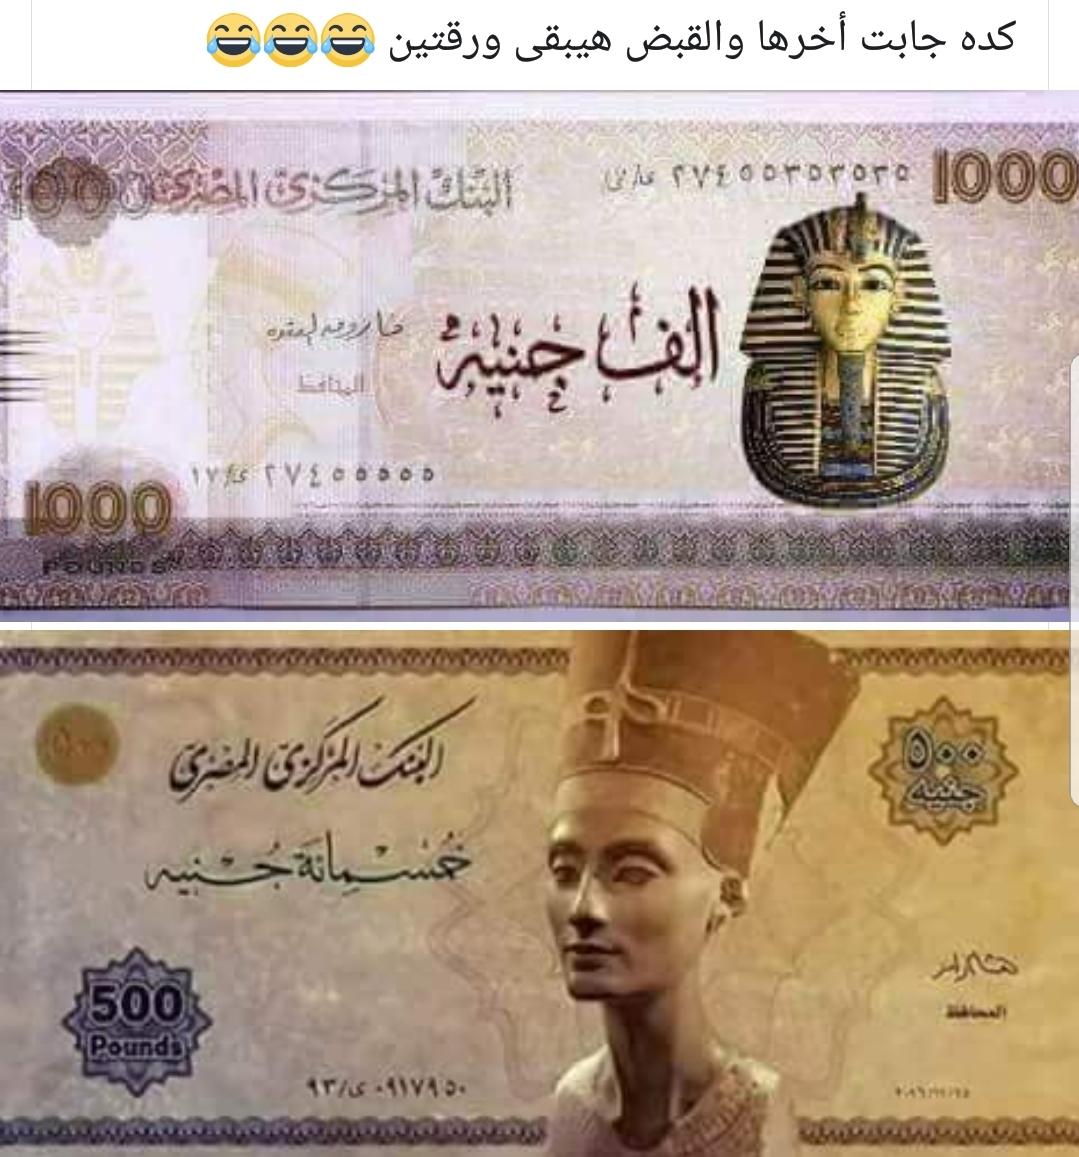 حقيقة العملات فئة 500 و 1000 جنيه